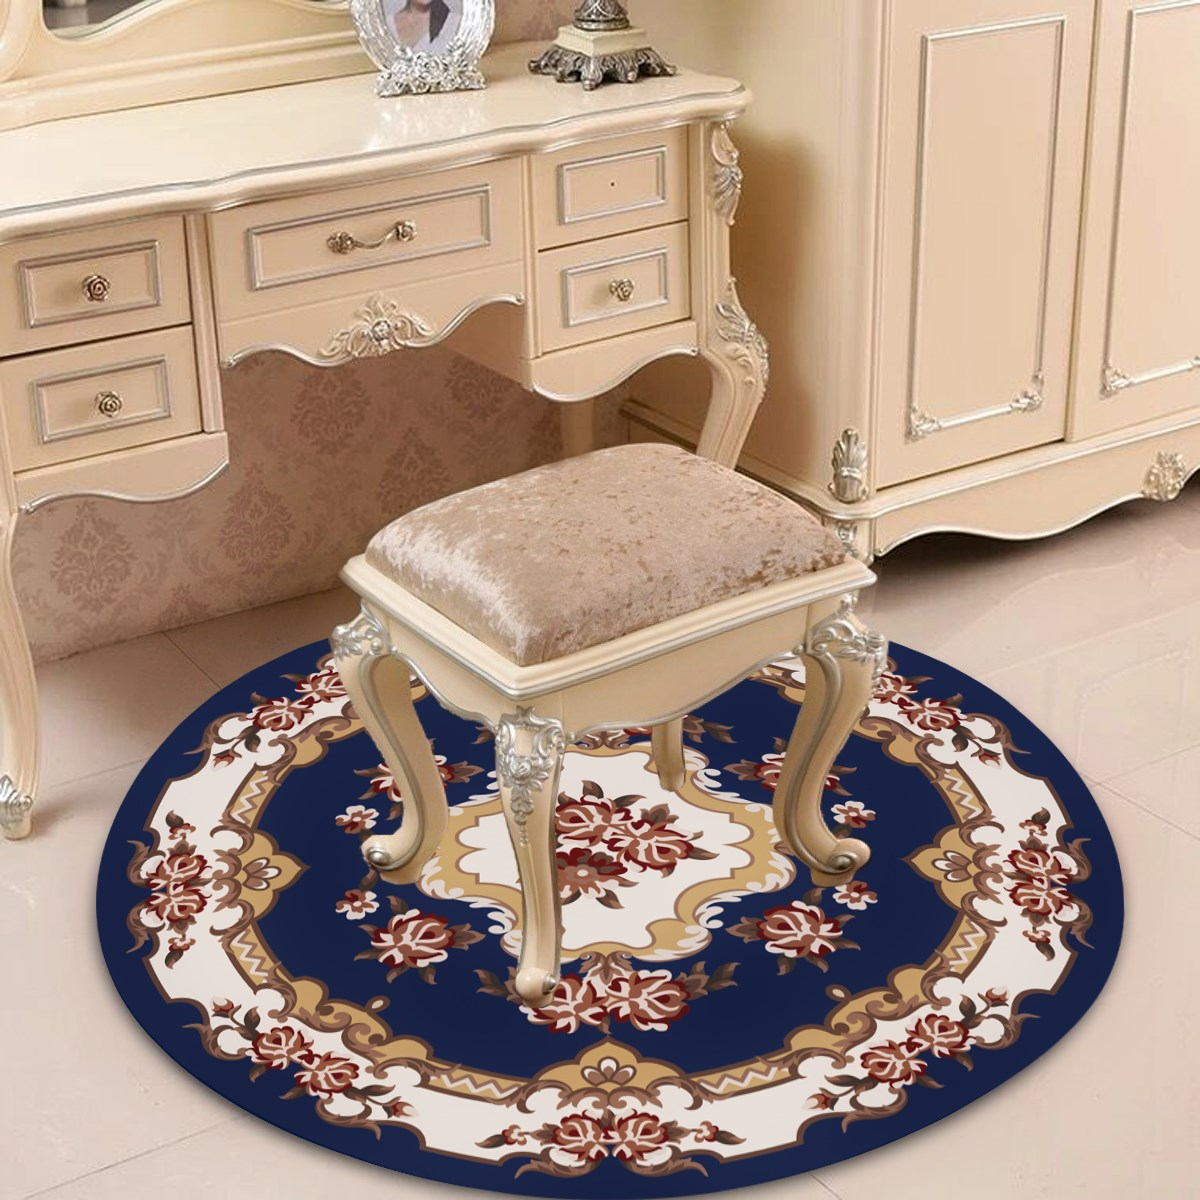 椅垫书房欧式现代电脑客厅毯地垫圆形吊圆形子地毯椅垫卧室茶几